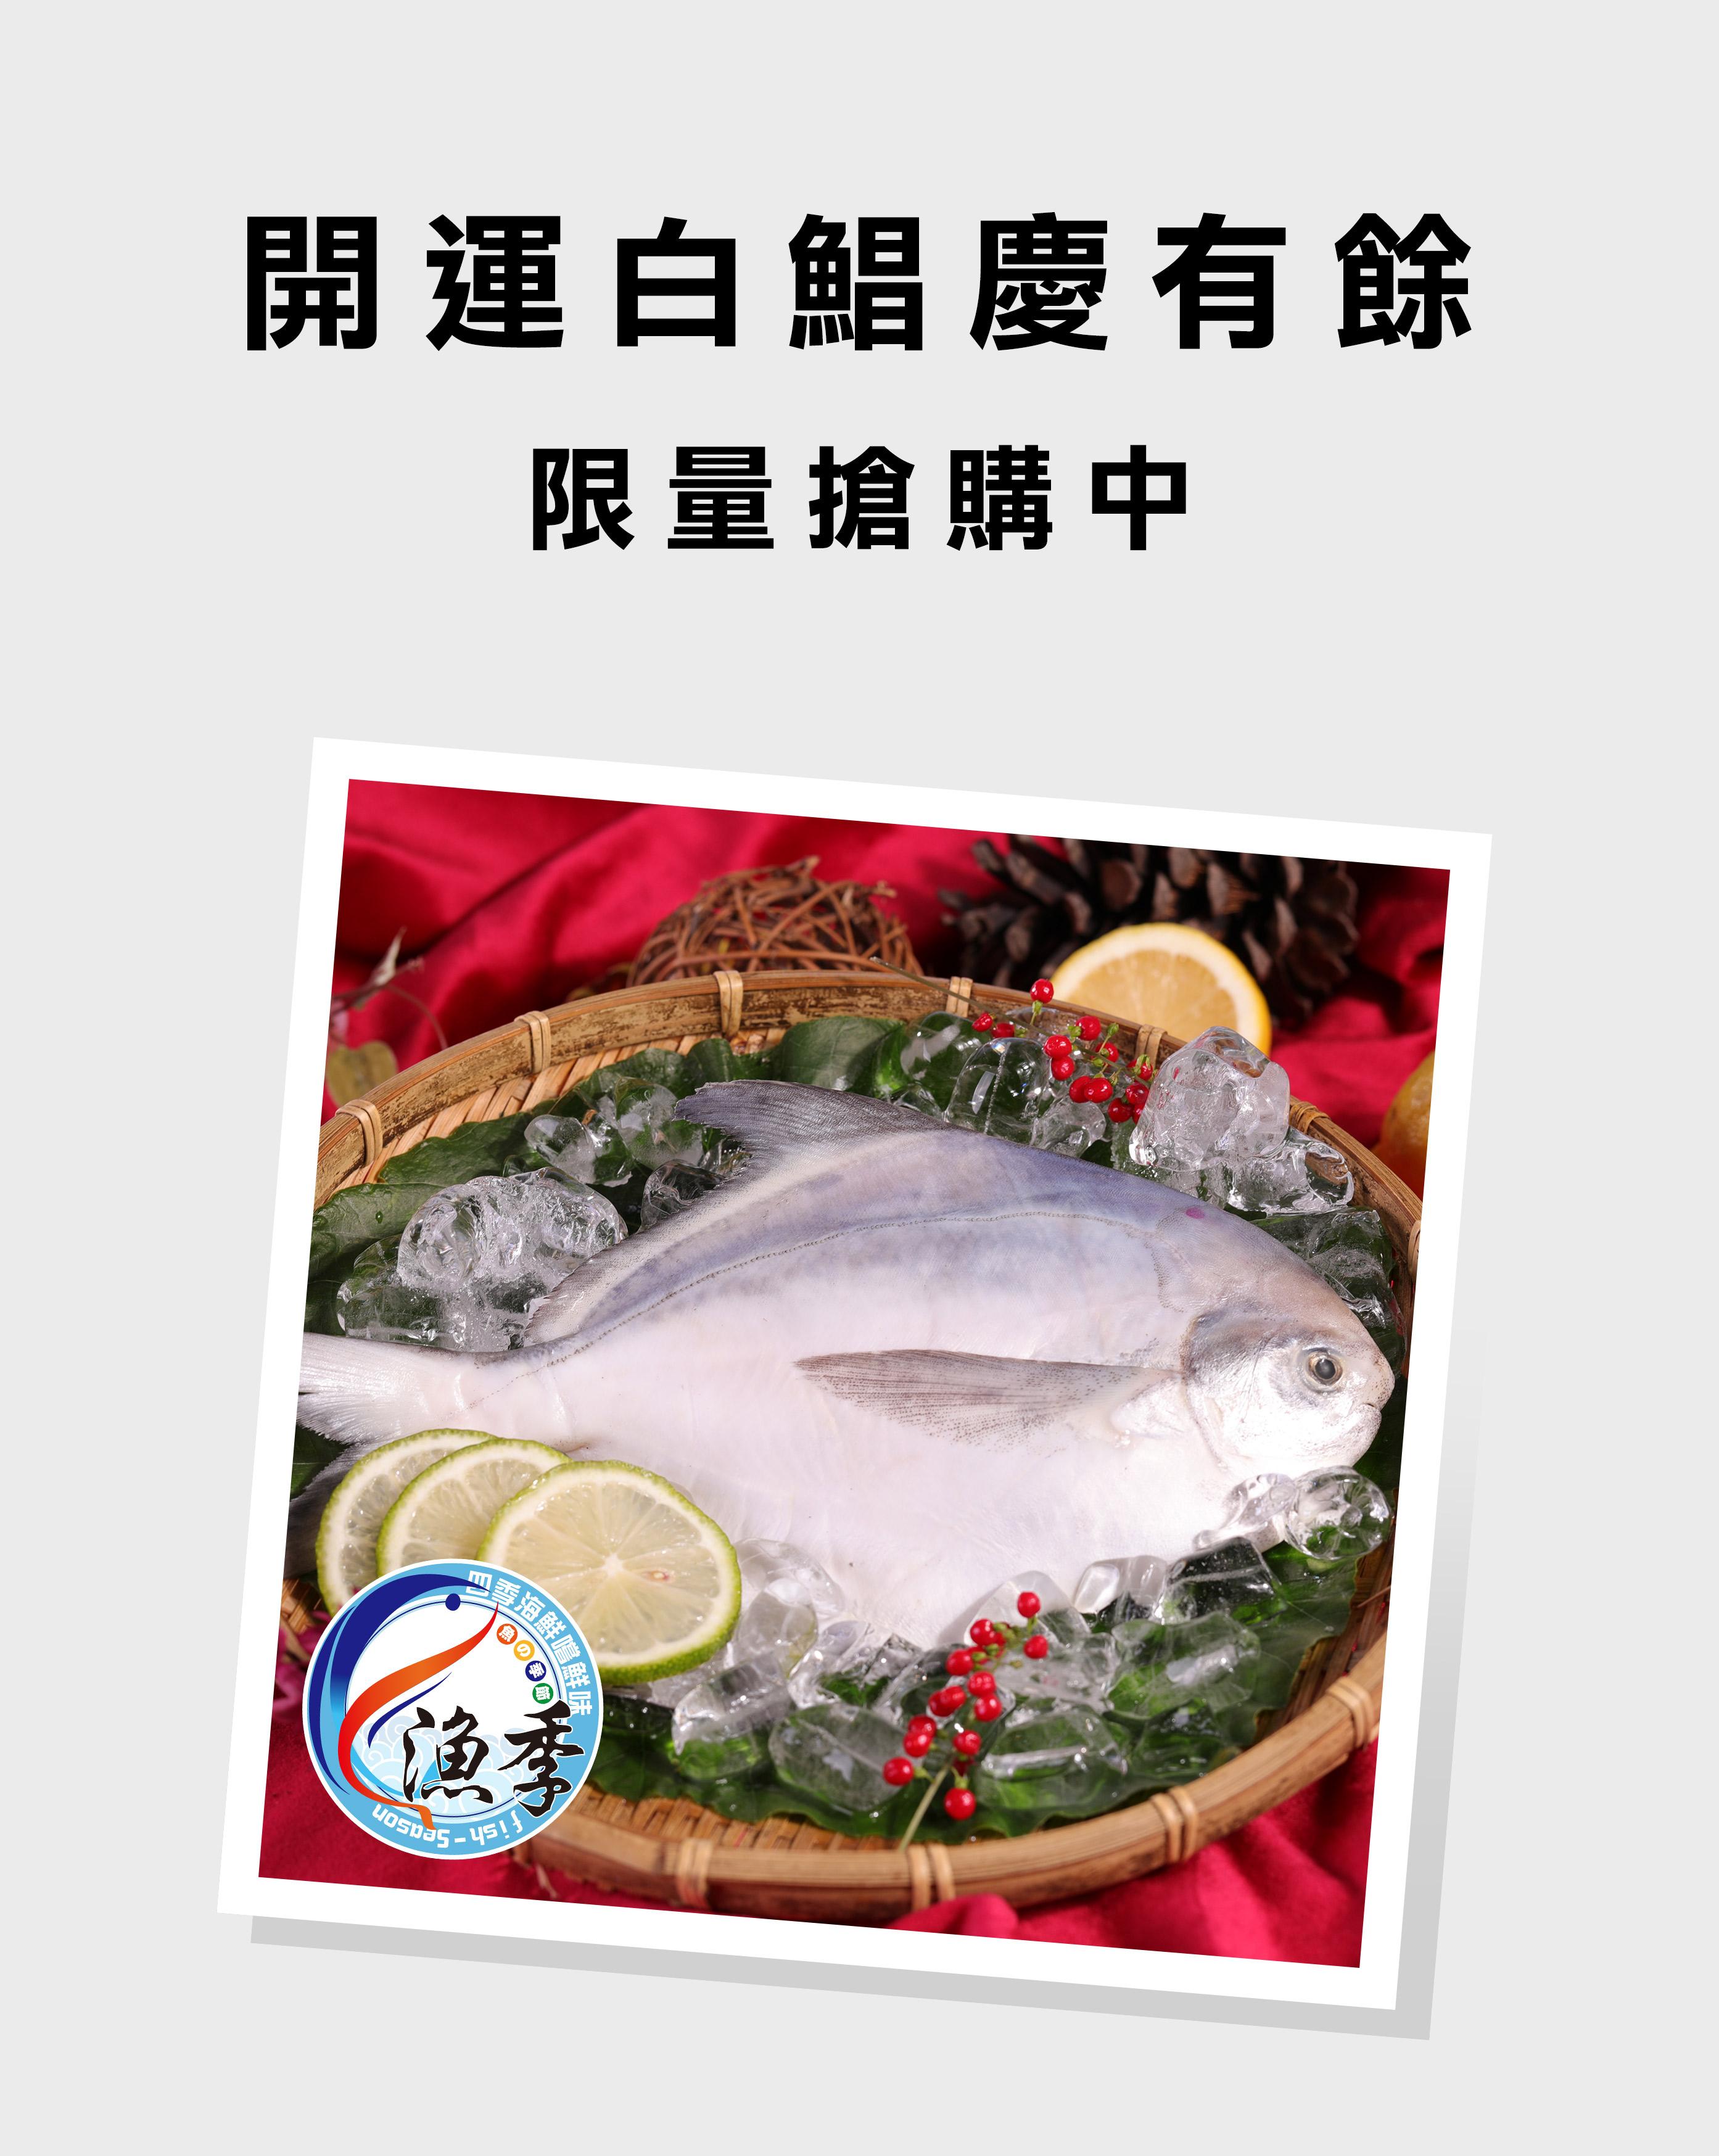 食品-漁季